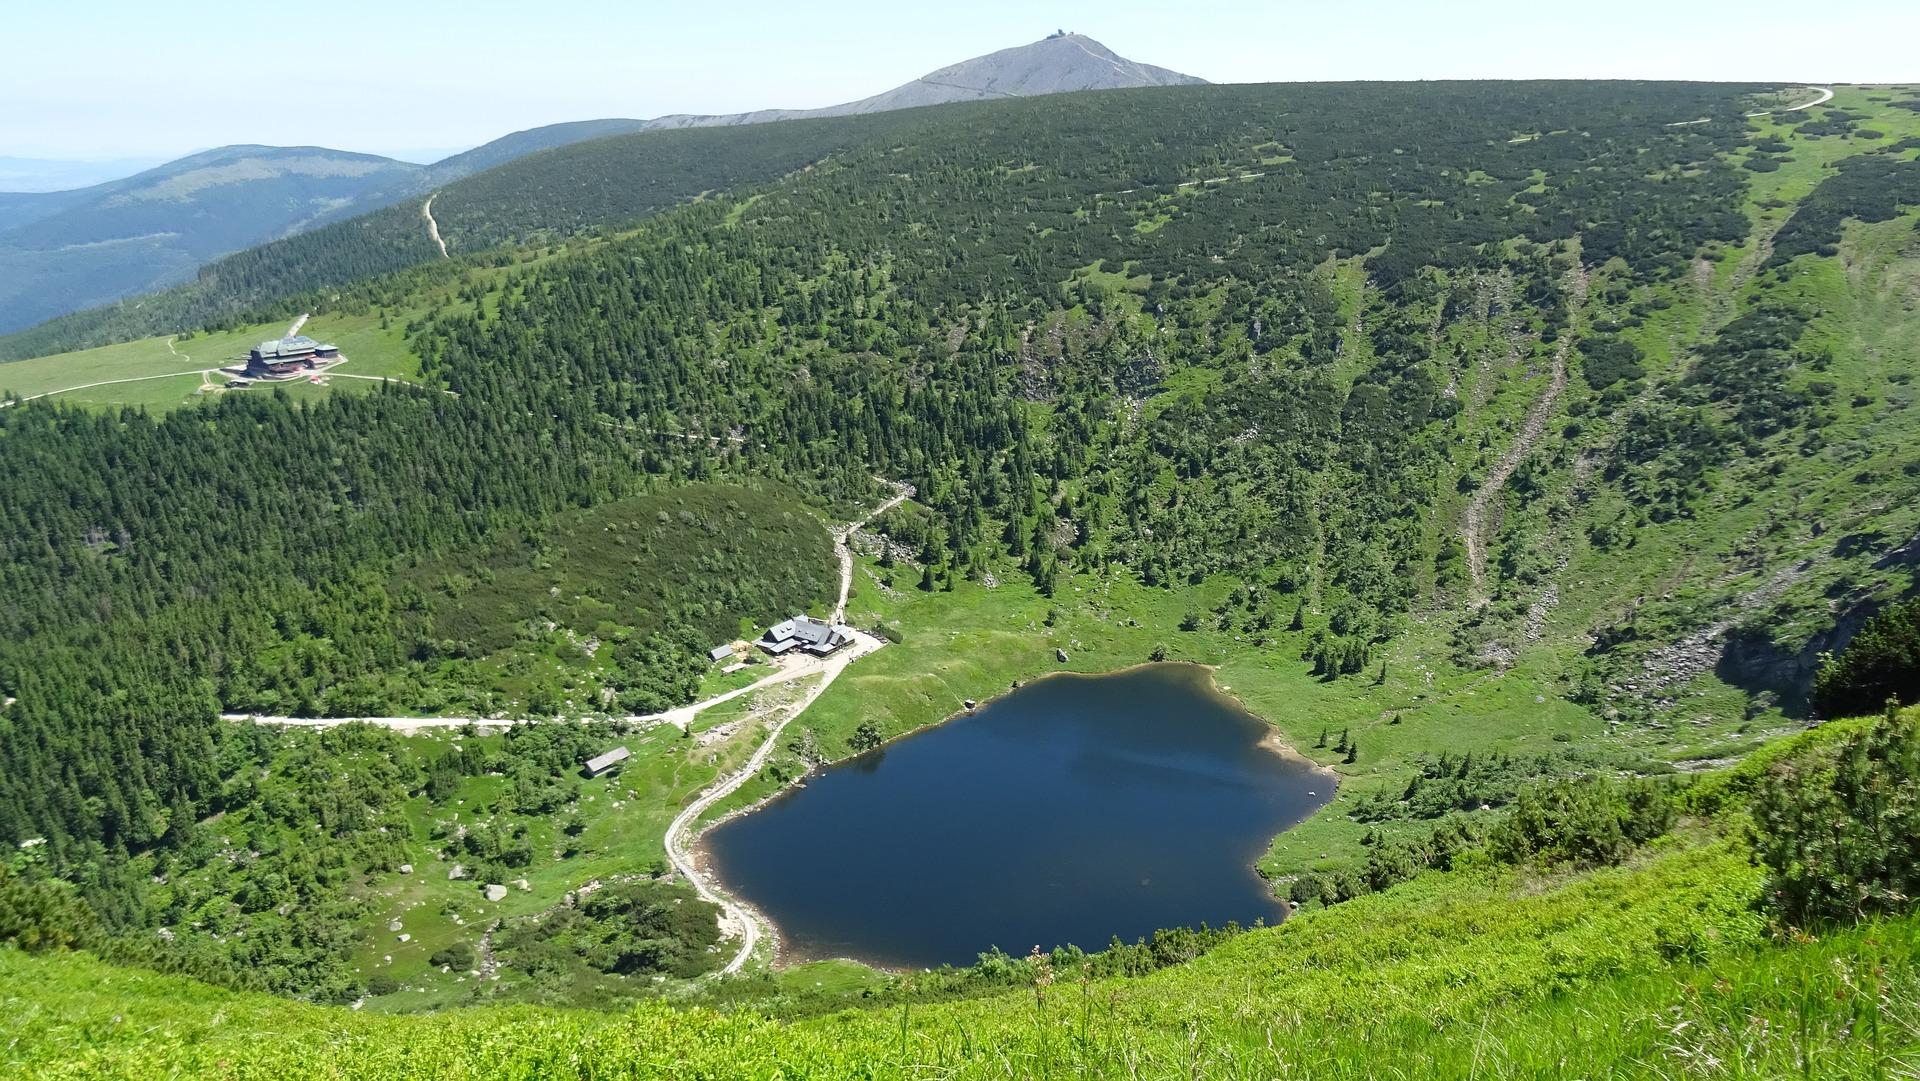 podgorzyn - Gdzie jechać na Dolnym Śląsku? Sprawdź!